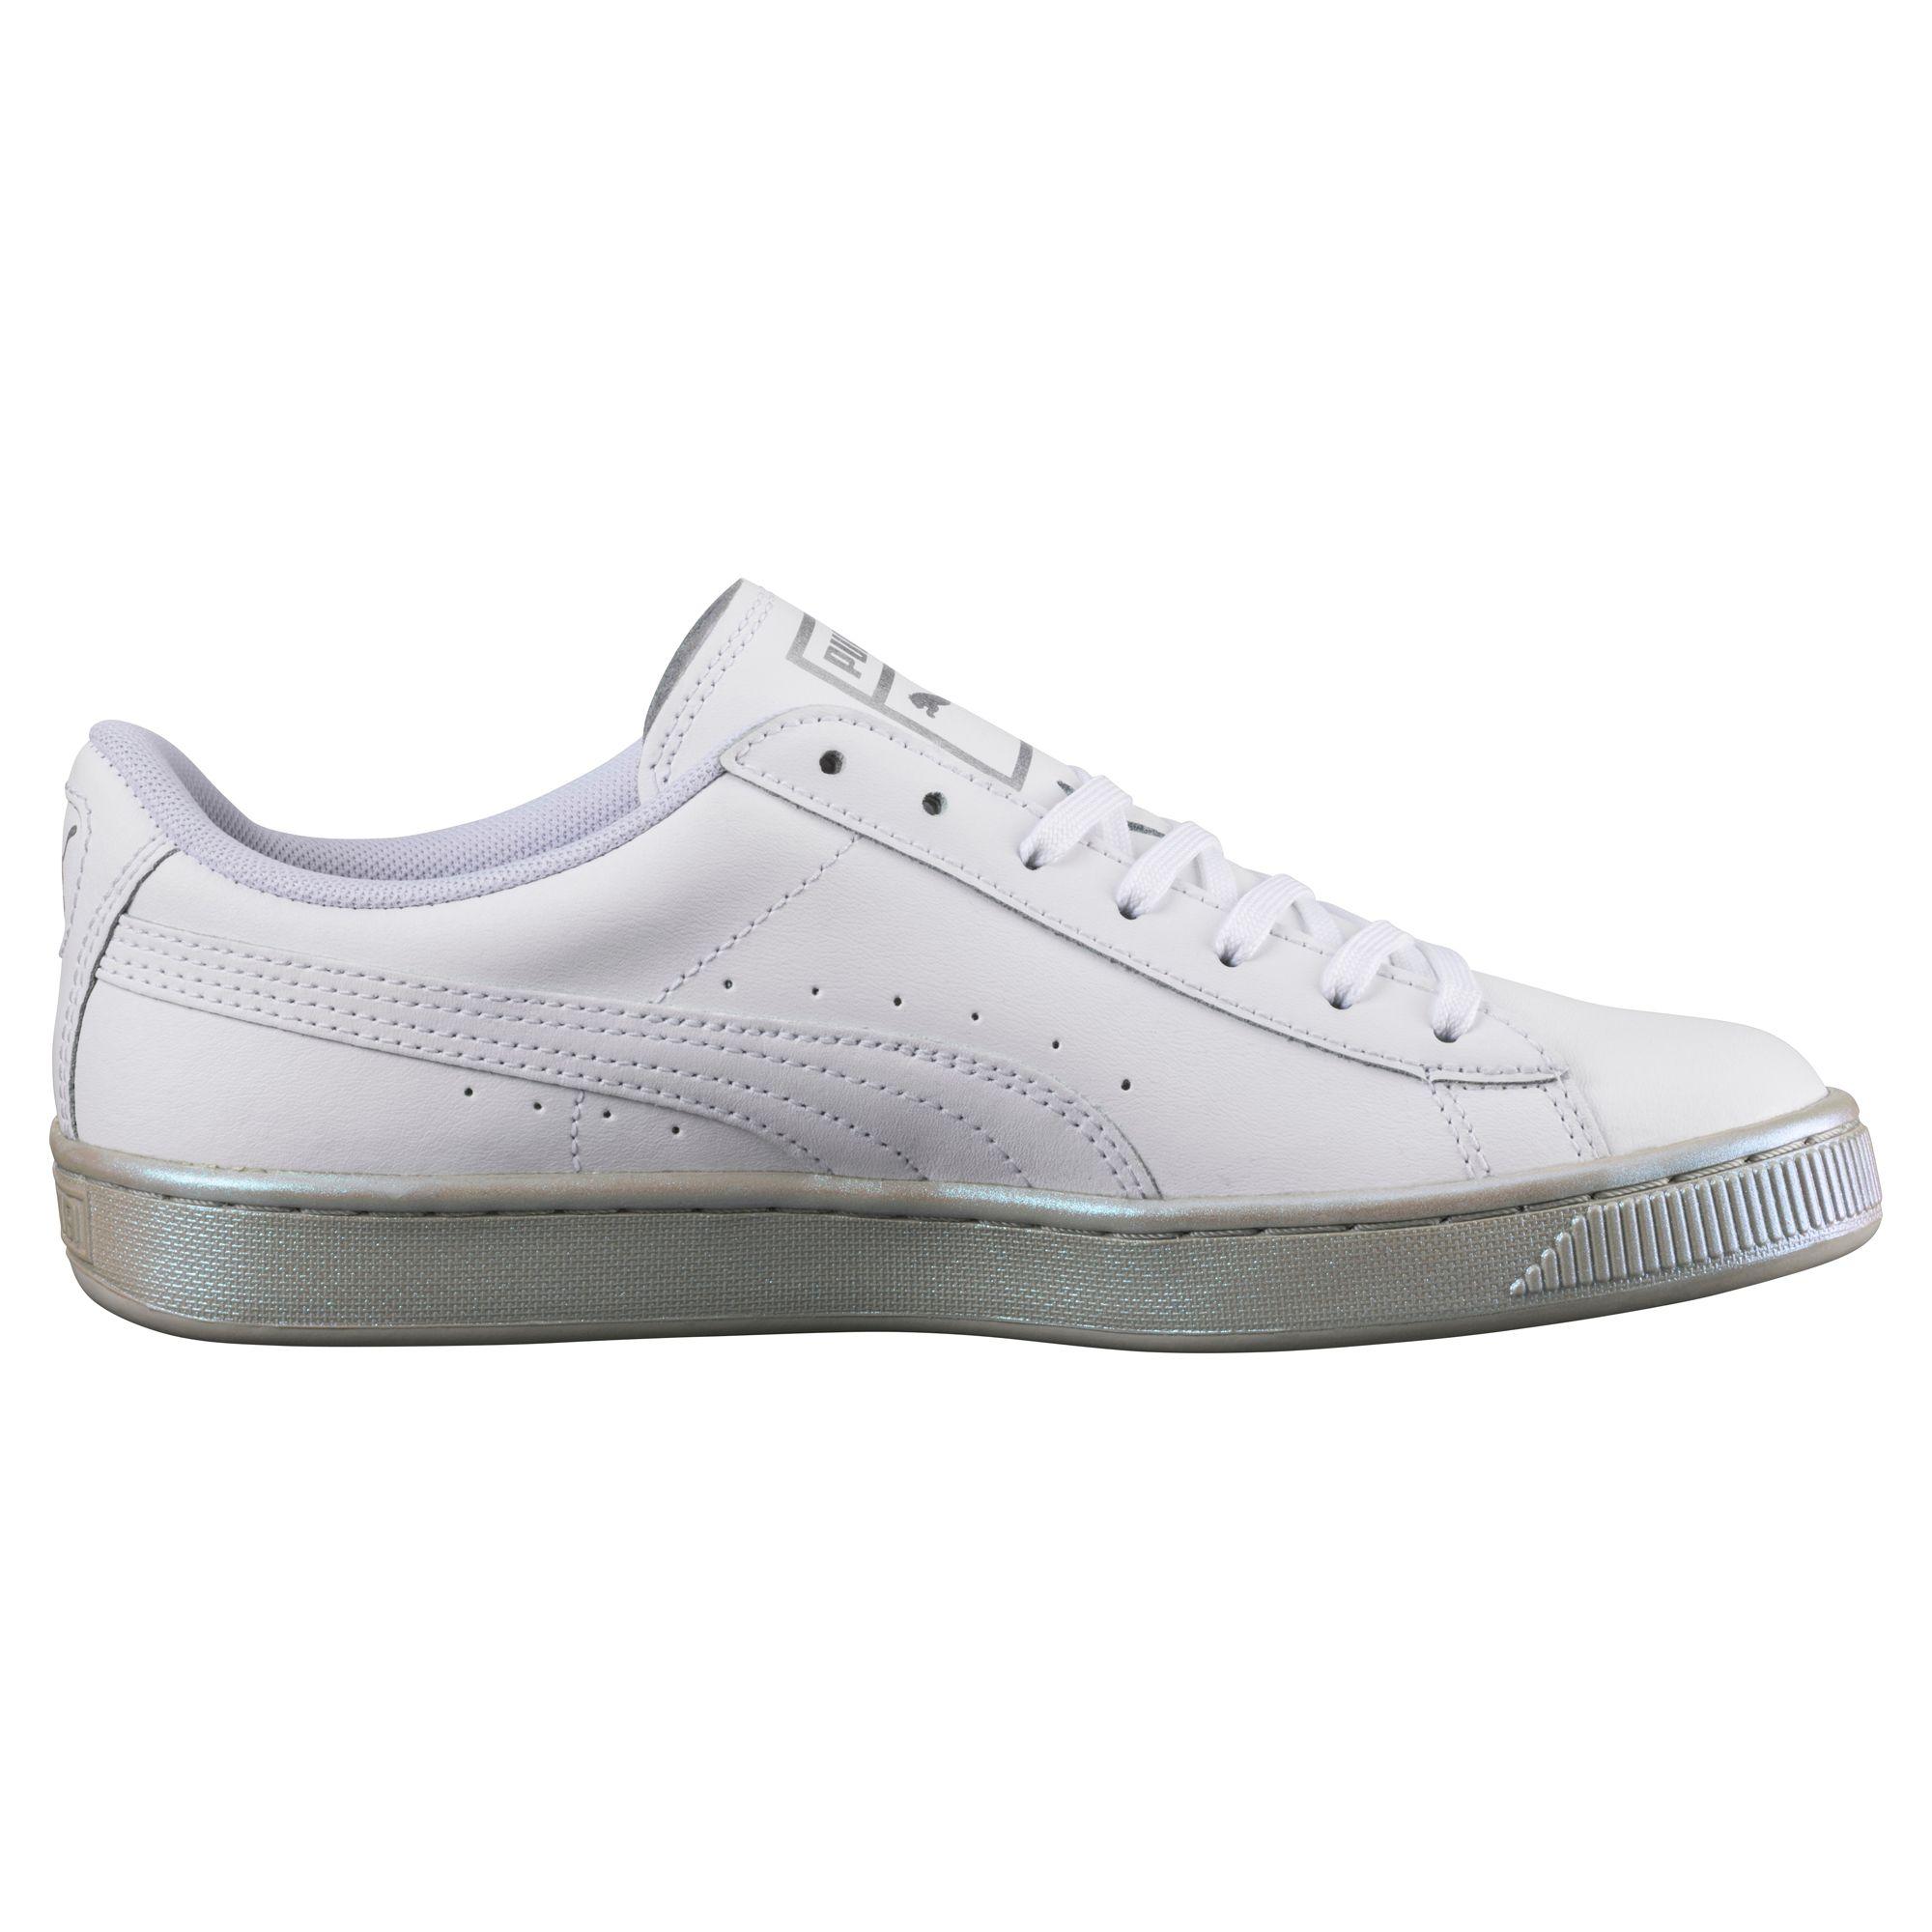 PUMA Sport Basket Classic Pearl Herren Sneaker Sport PUMA Classics Schuhe Männer Neu 8564cc